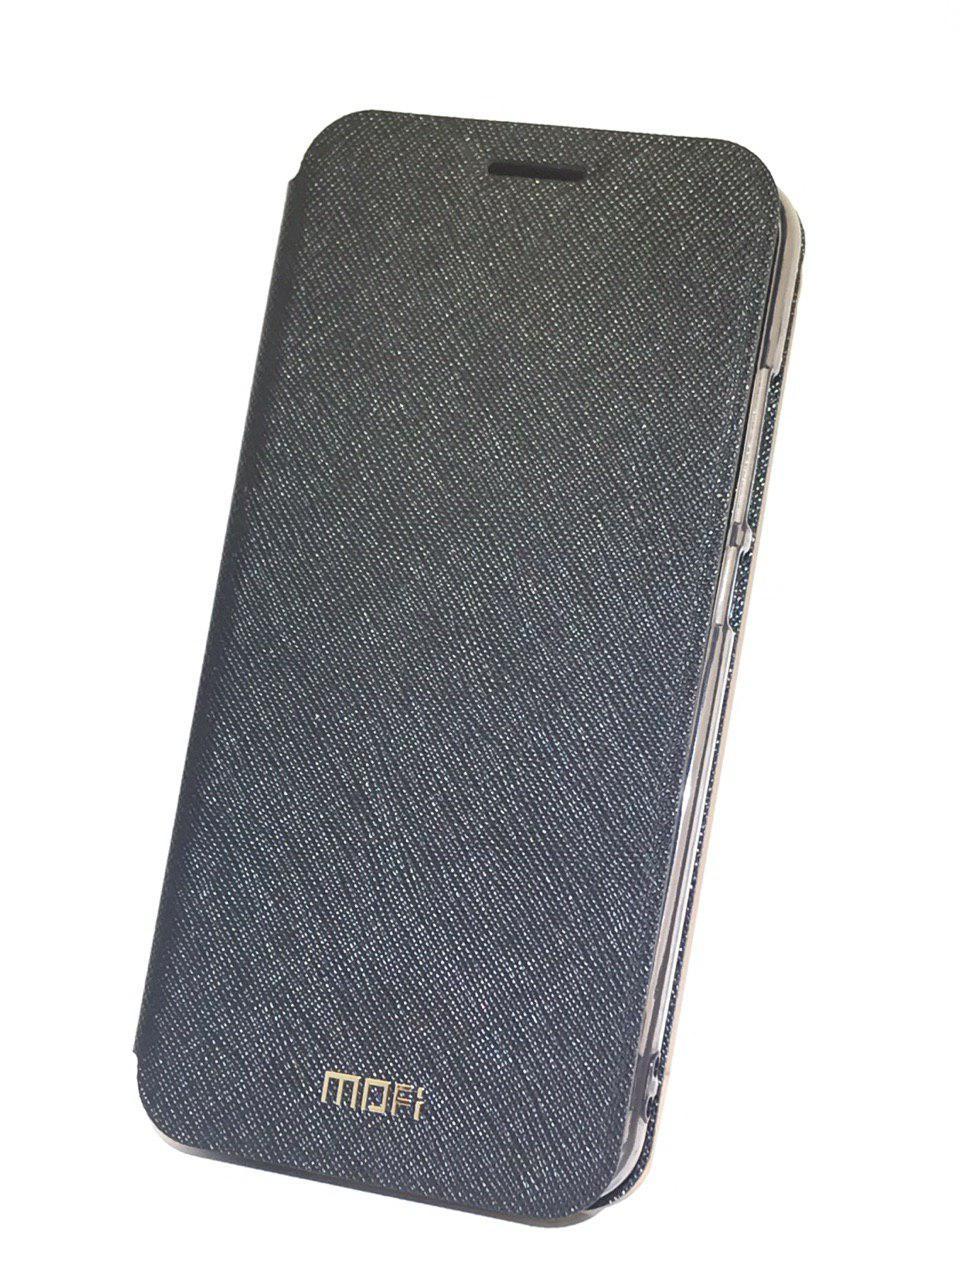 Фото - Чехол для сотового телефона Mofi Книжка Ribbed Xiaomi Redmi 6 Pro/ A2 Lite Black, черный open shoulder ribbed tshirt